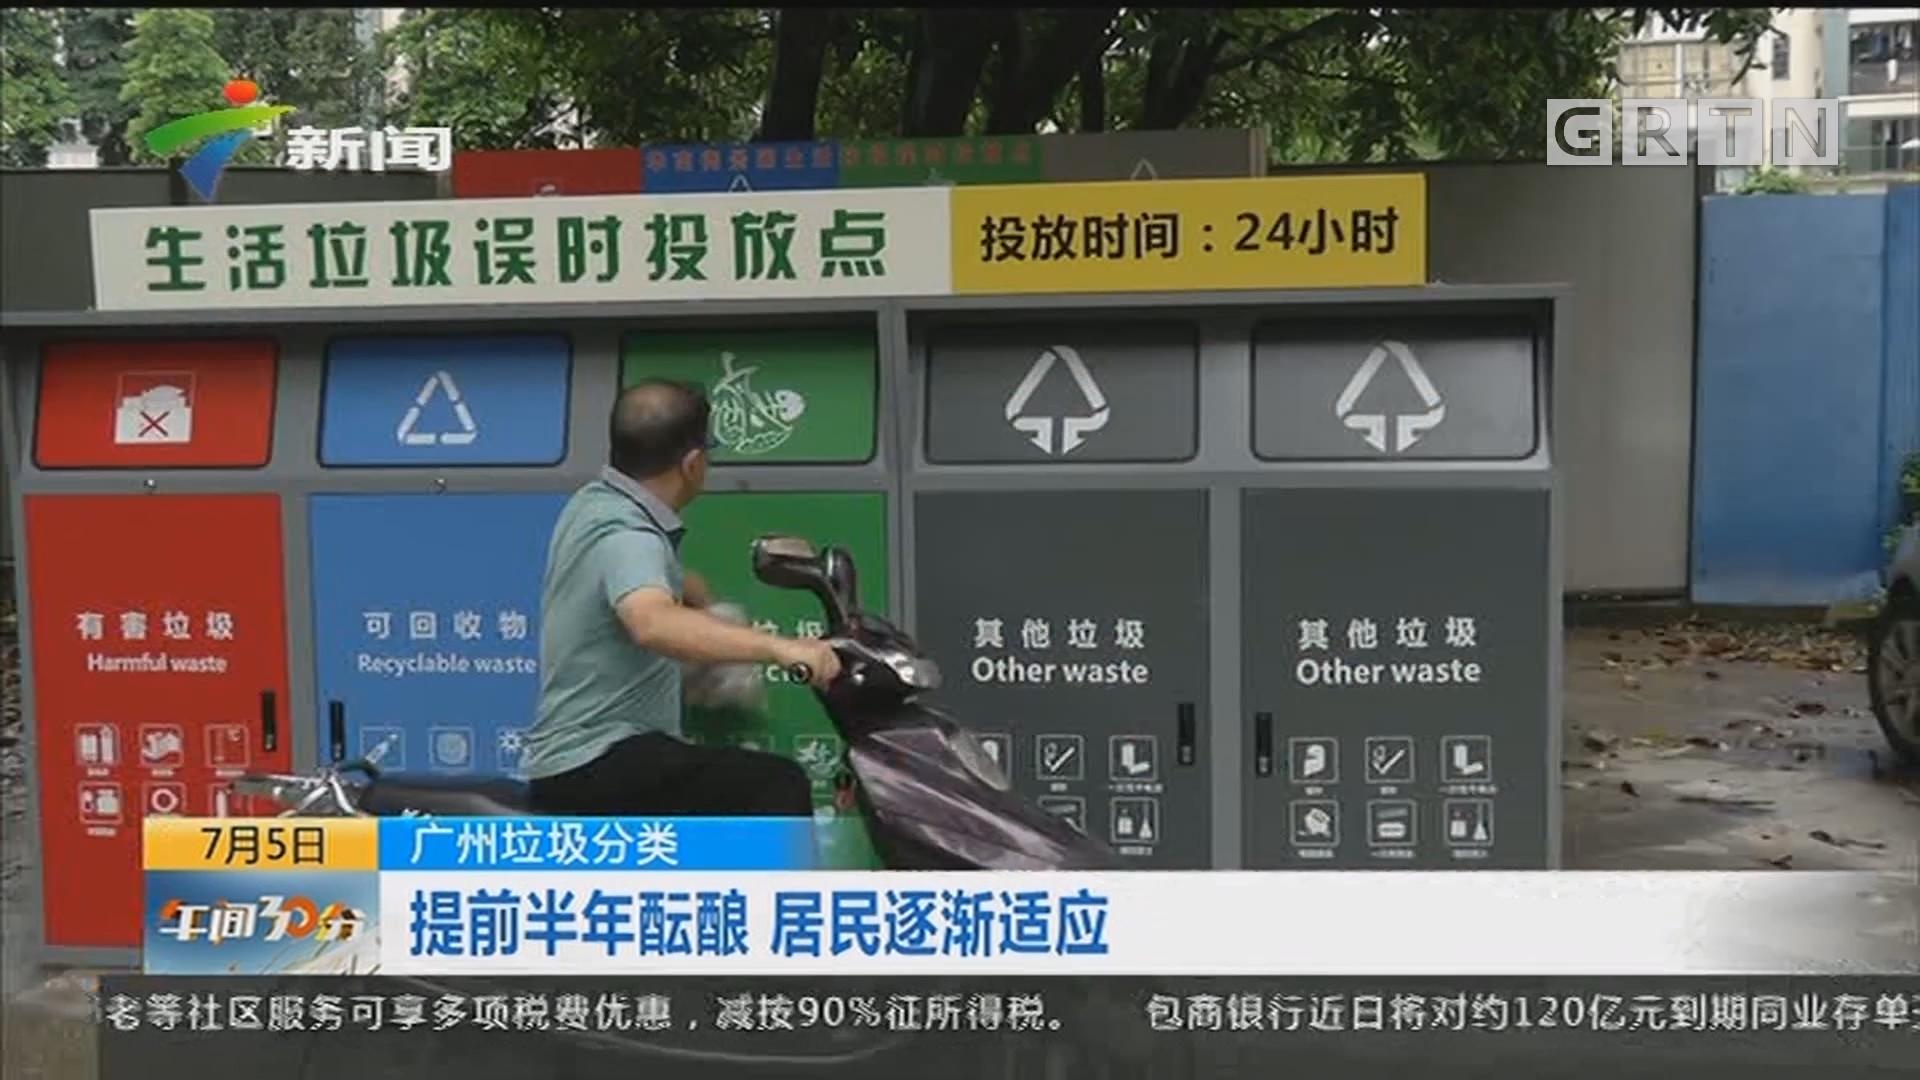 广州垃圾分类:提前半年酝酿 居民逐渐适应